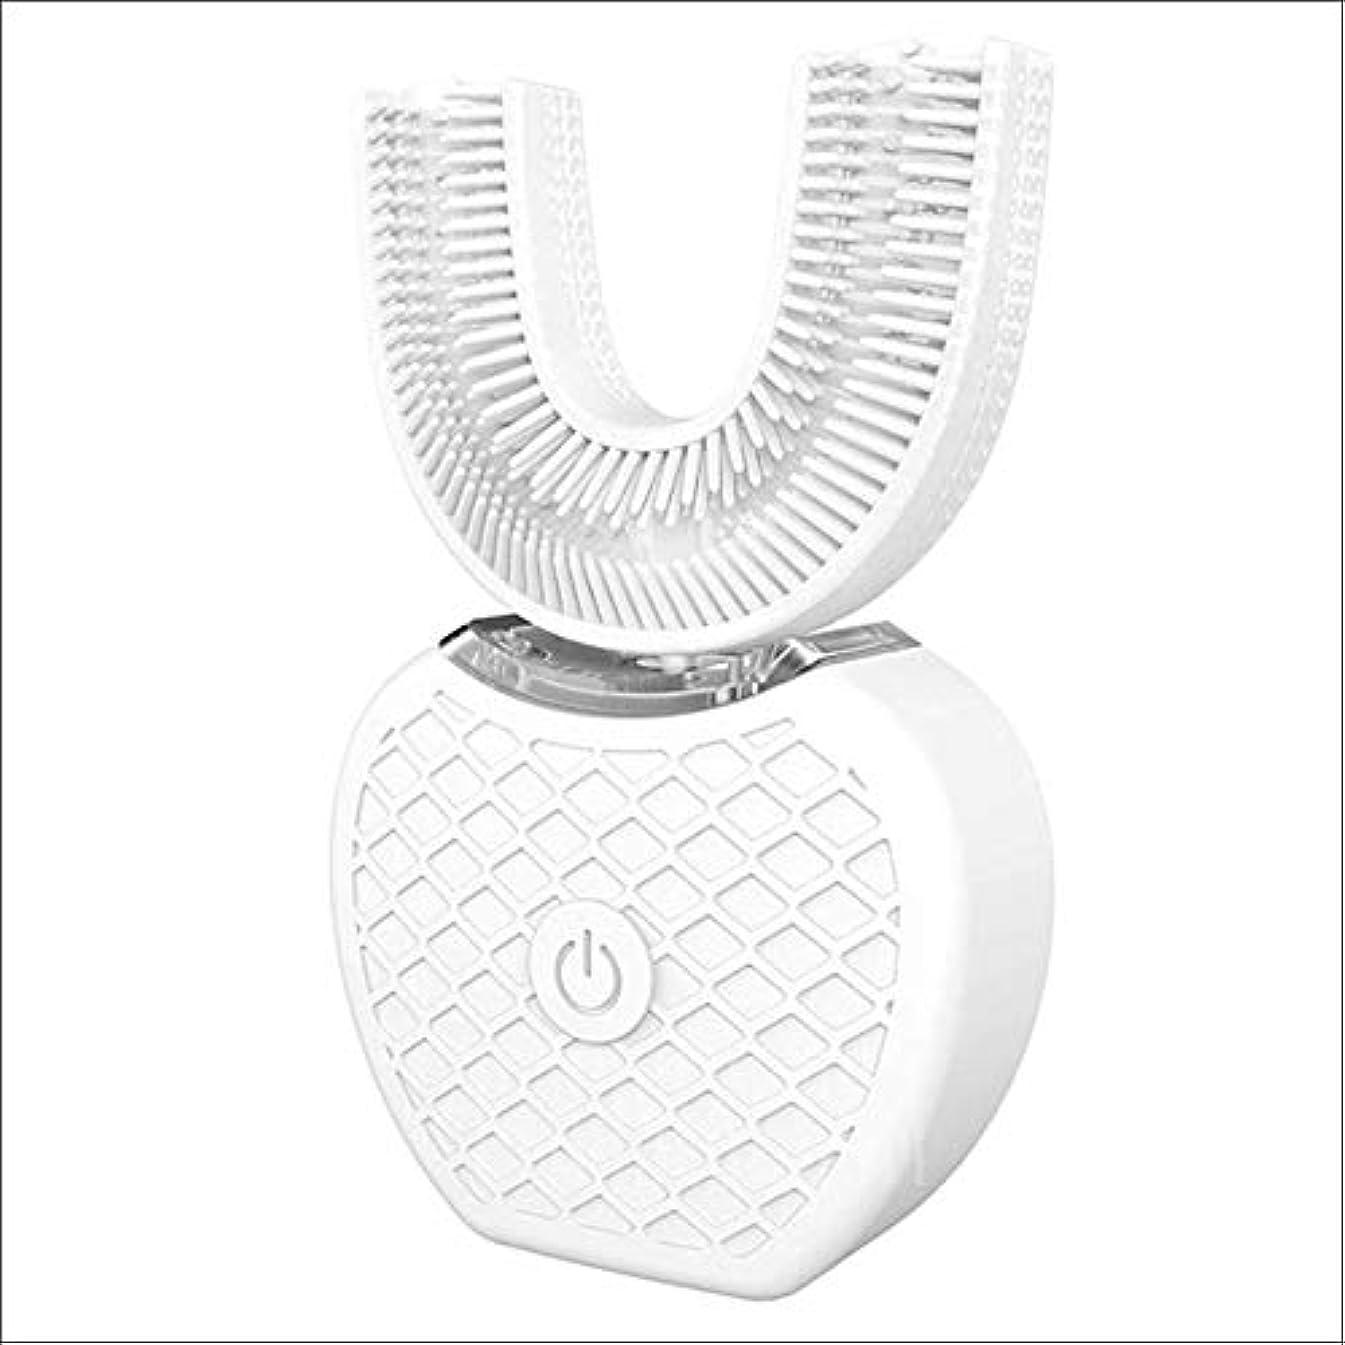 病者建物適応する[(Gearbest) Gearbest] [Auto 360-degree U-shape Electric Toothbrush Sonic Mouth Cleaner] (並行輸入品)